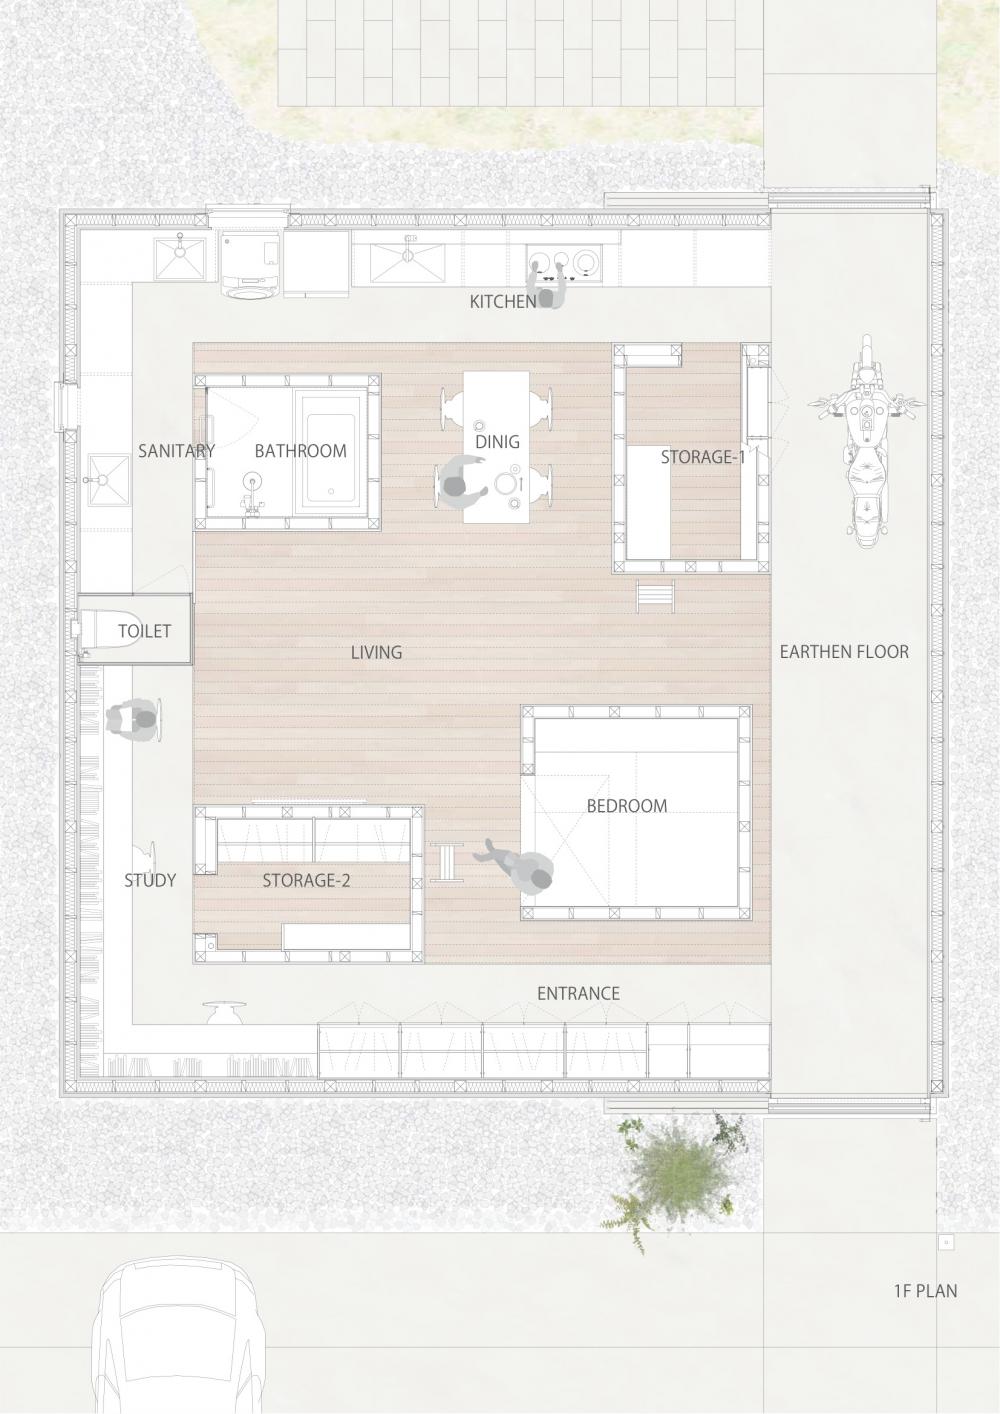 dom v japonskom dizajne